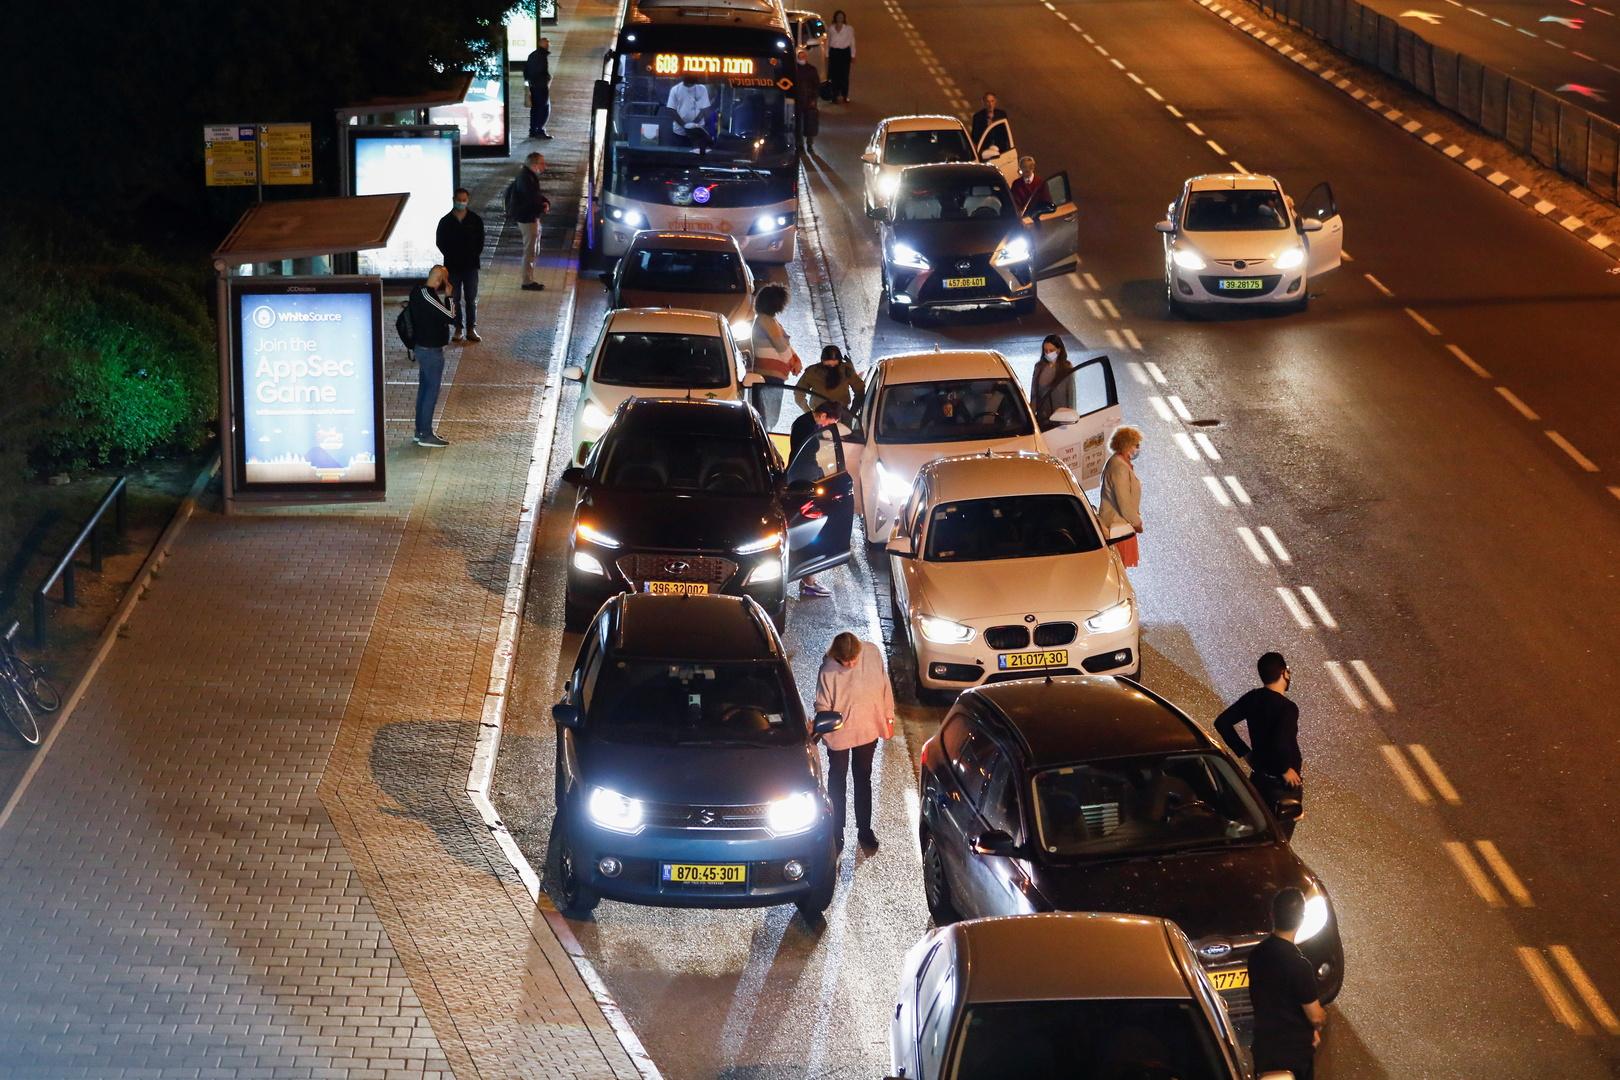 إطلاق صفارات الإنذار في المستوطنات الإسرائيلية القريبة من الحدود اللبنانية